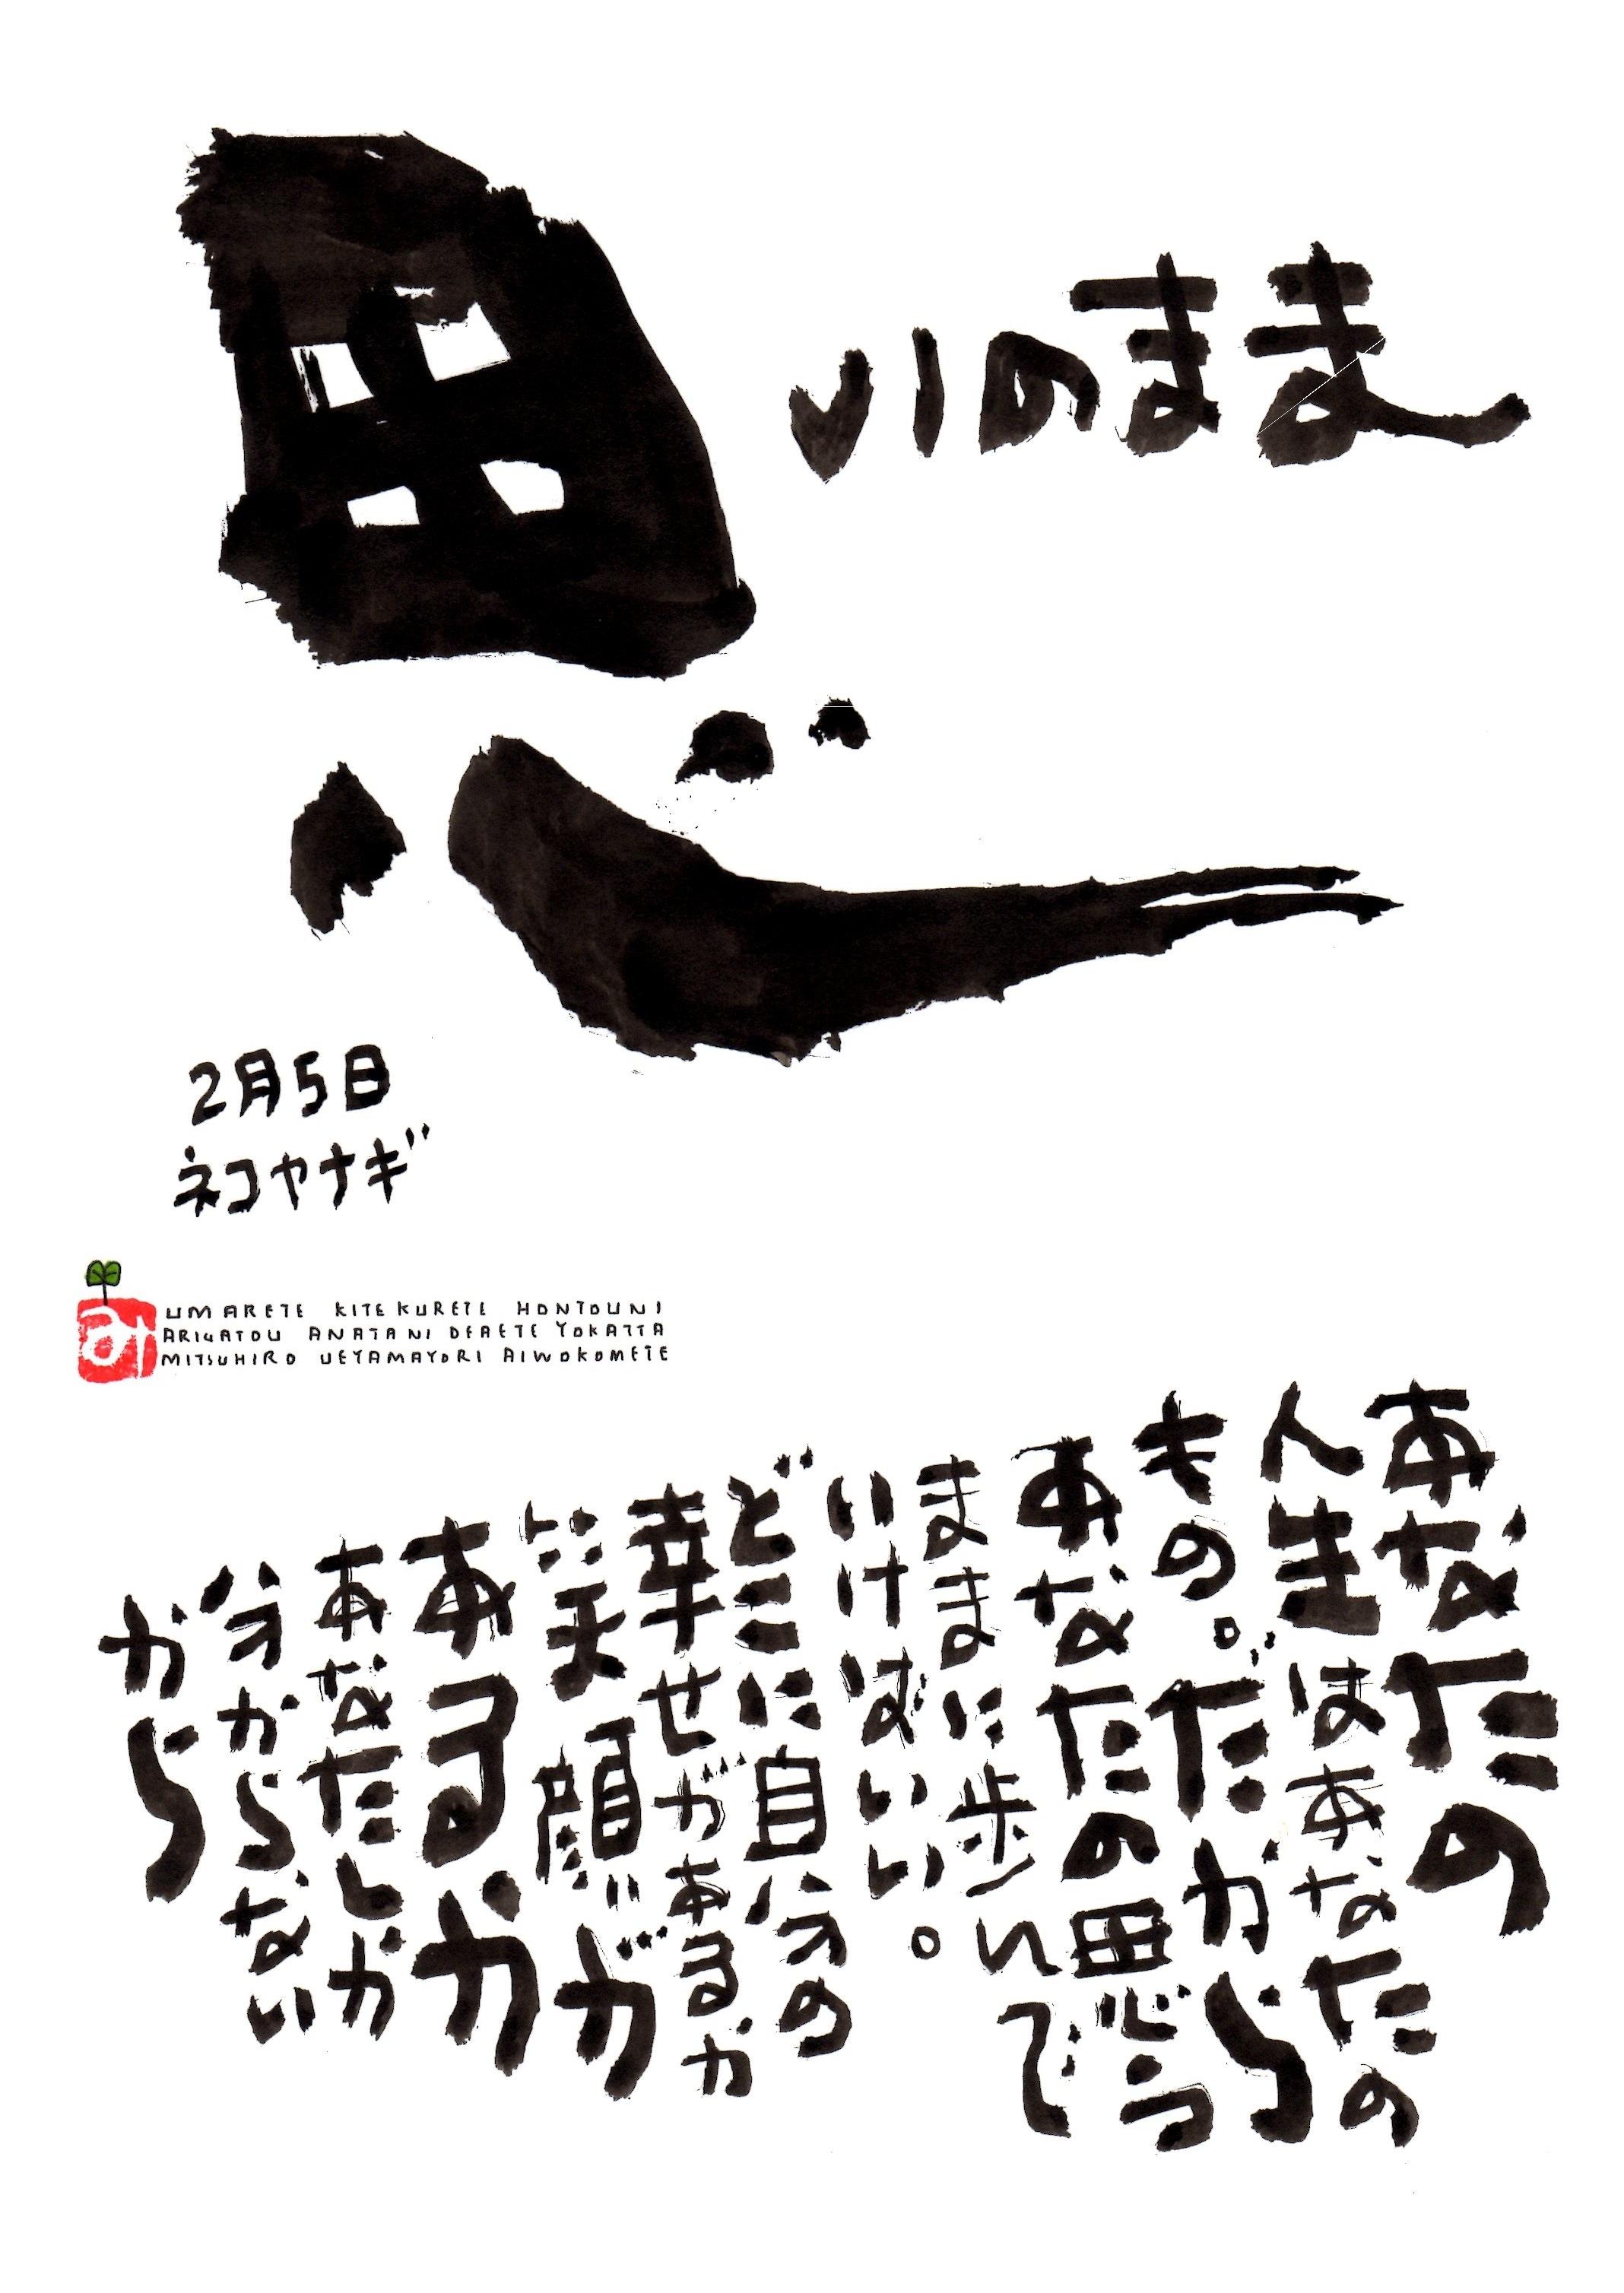 2月5日 誕生日ポストカード【思いのまま】as you wish